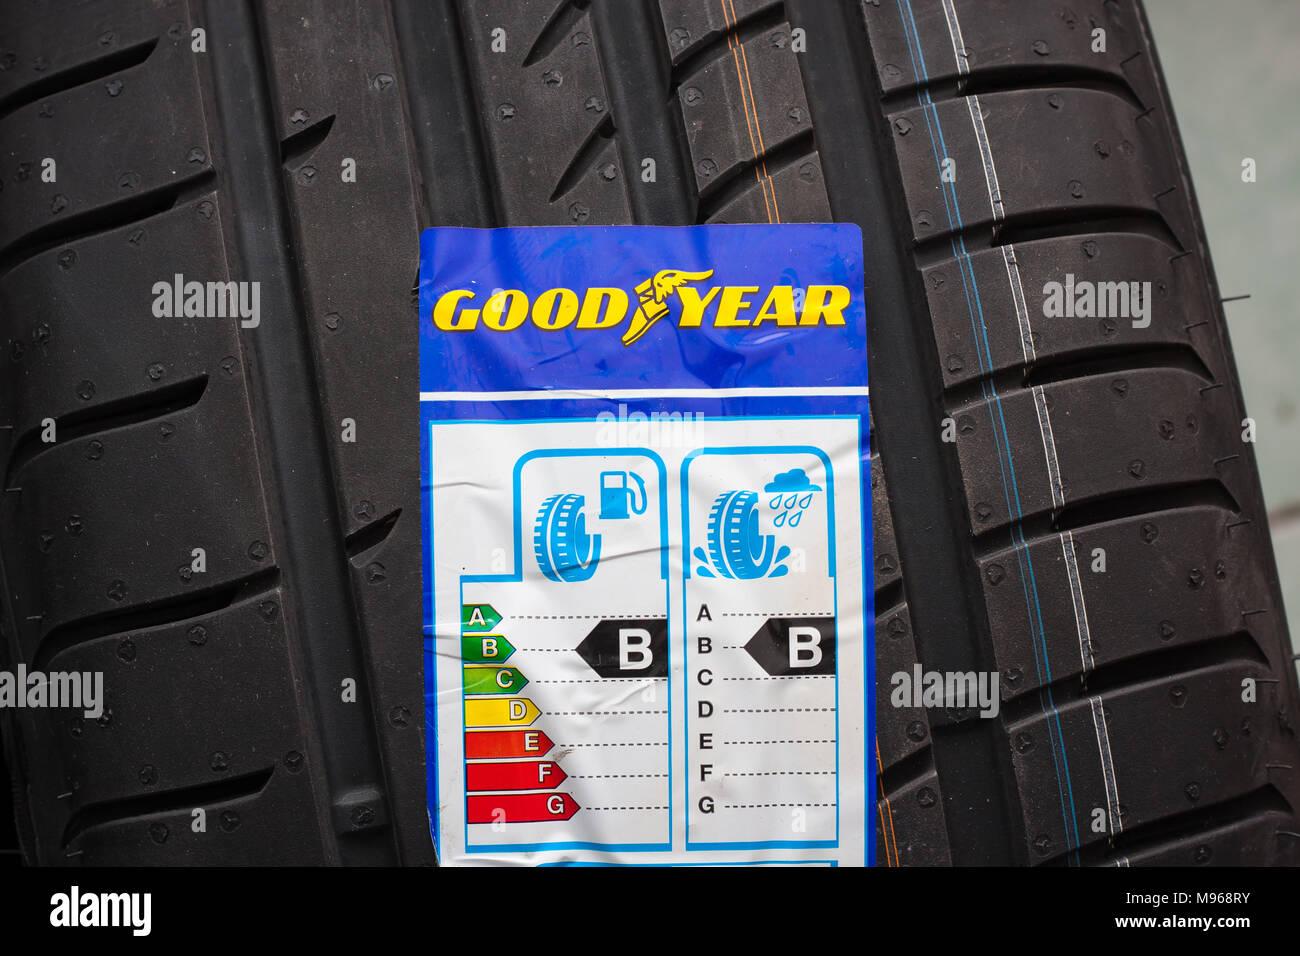 Tout nouveau pneu Goodyear avec étiquette avec l'information sur la sécurité, l'économie de carburant et le bruit externe. Utilisez uniquement éditoriale Banque D'Images